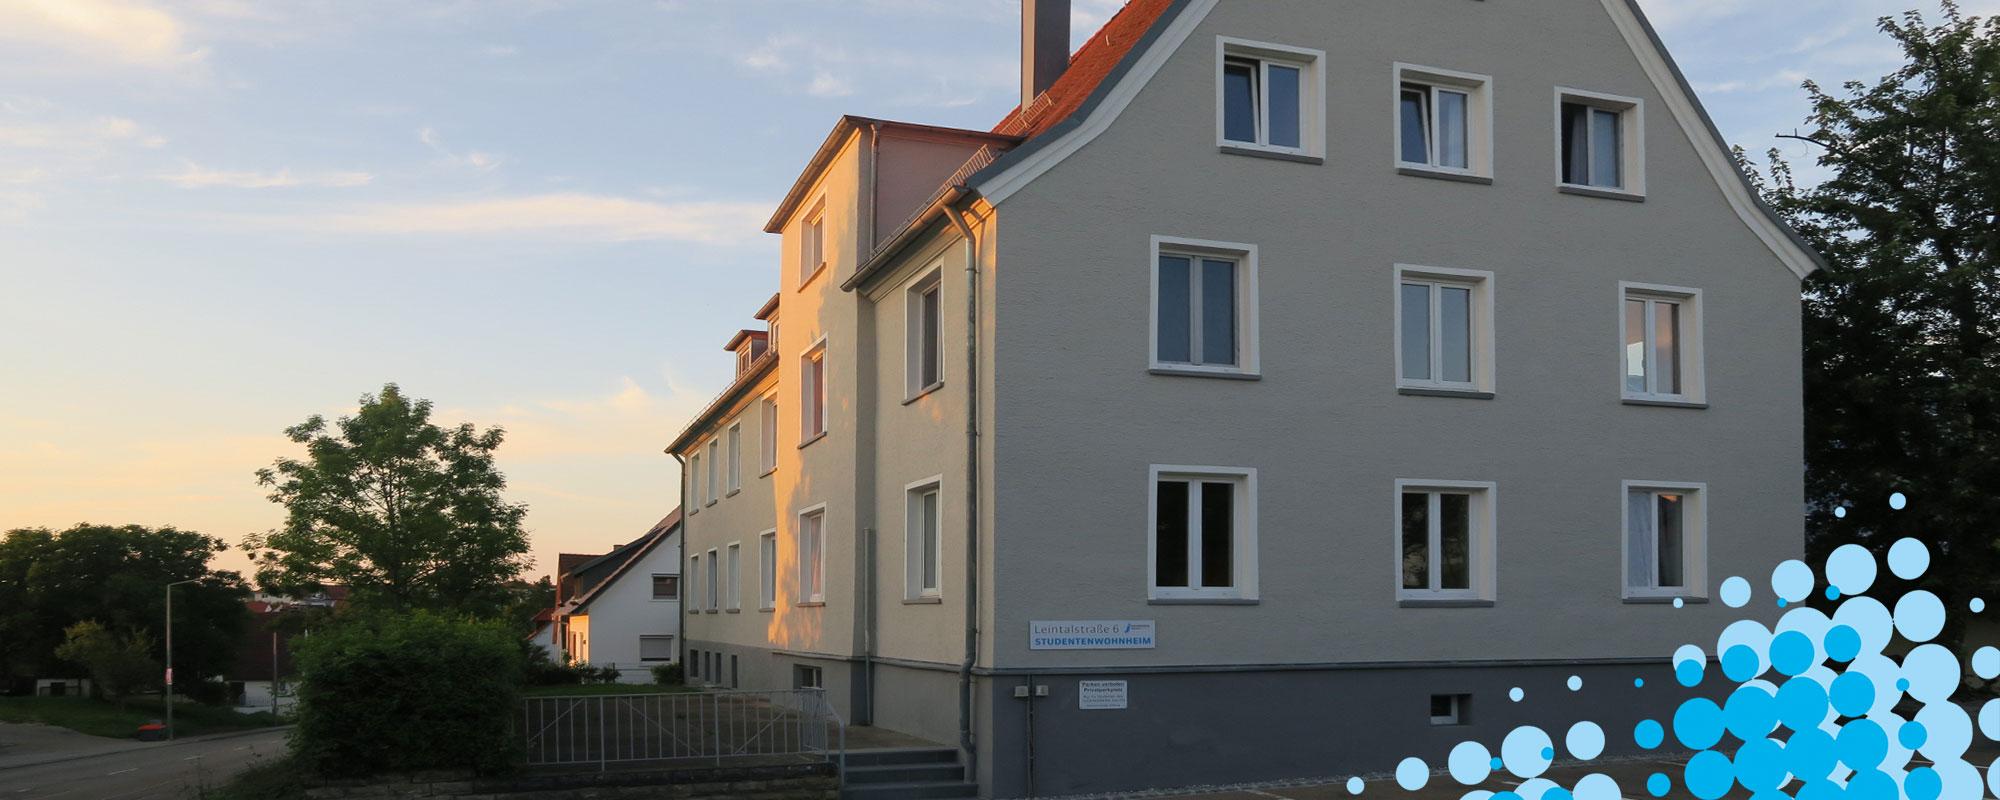 wohnheim_dewangen_head